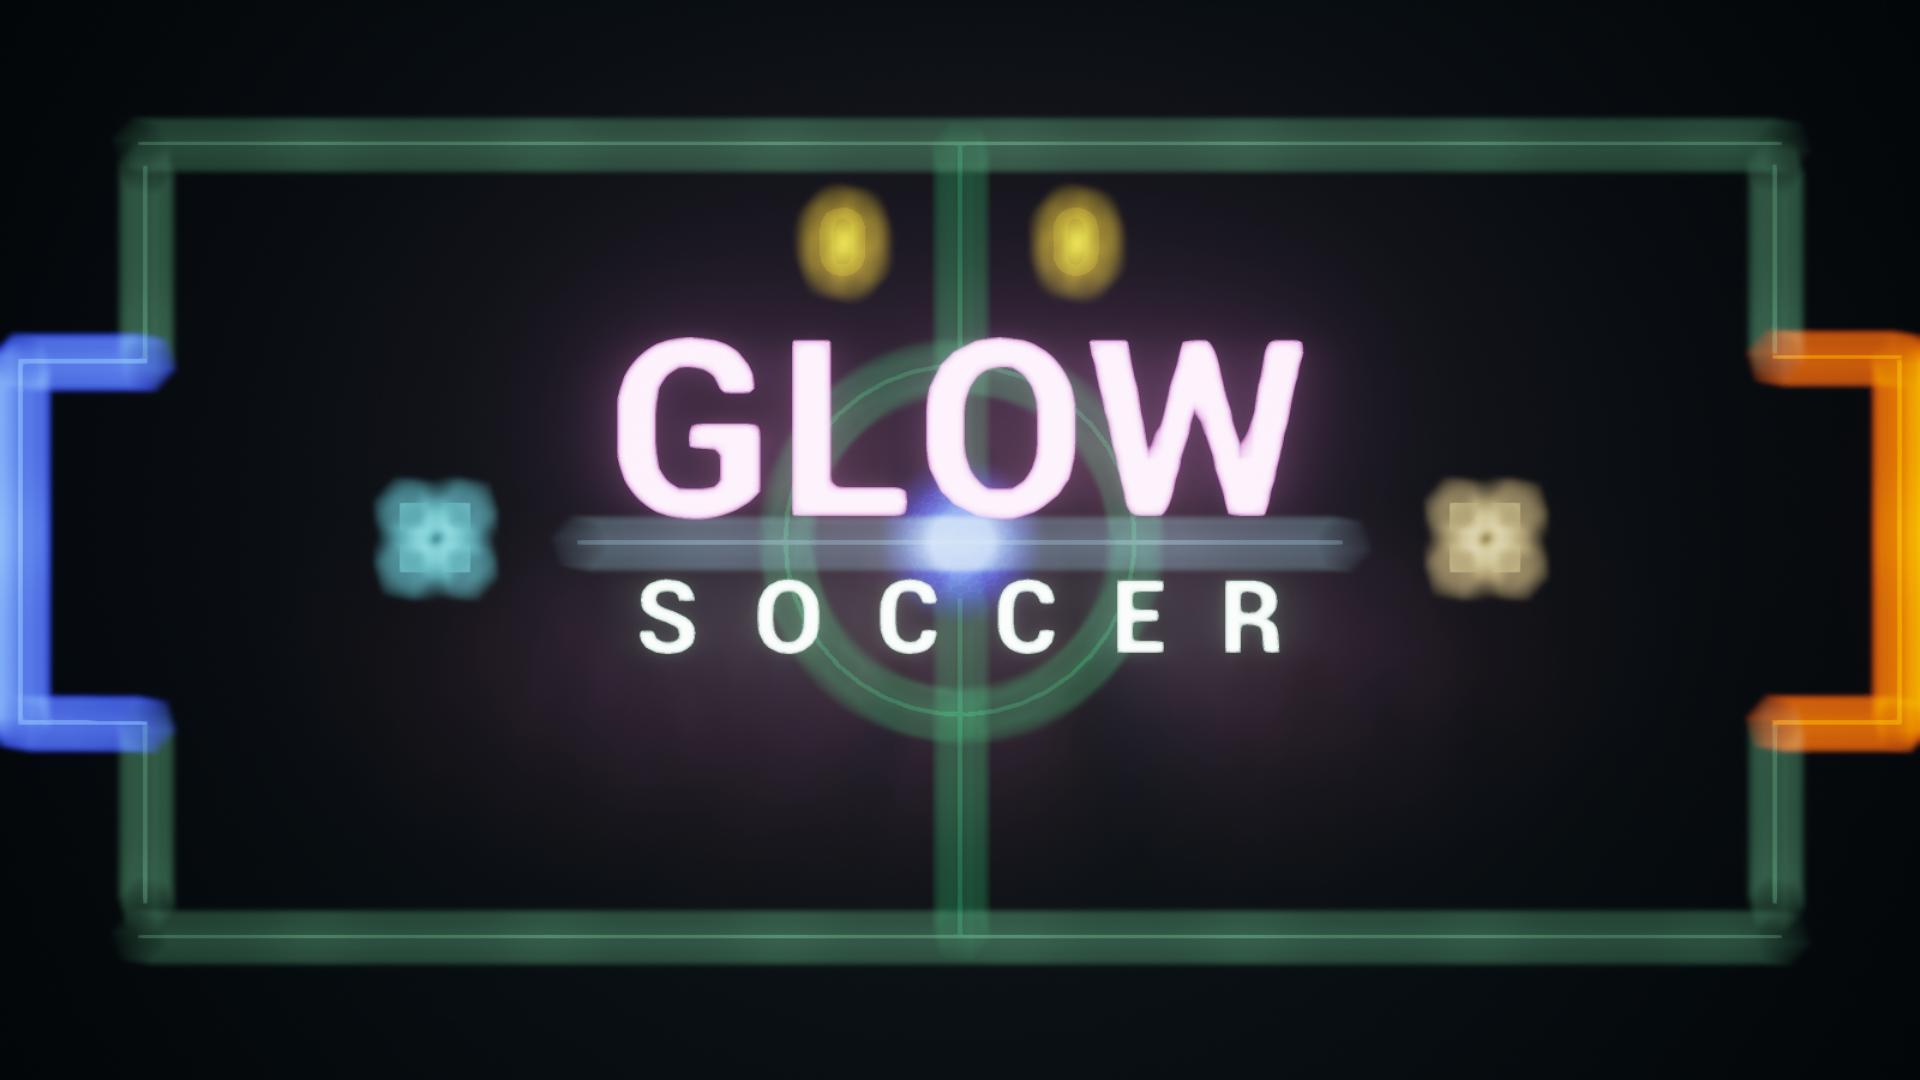 Glow Soccer